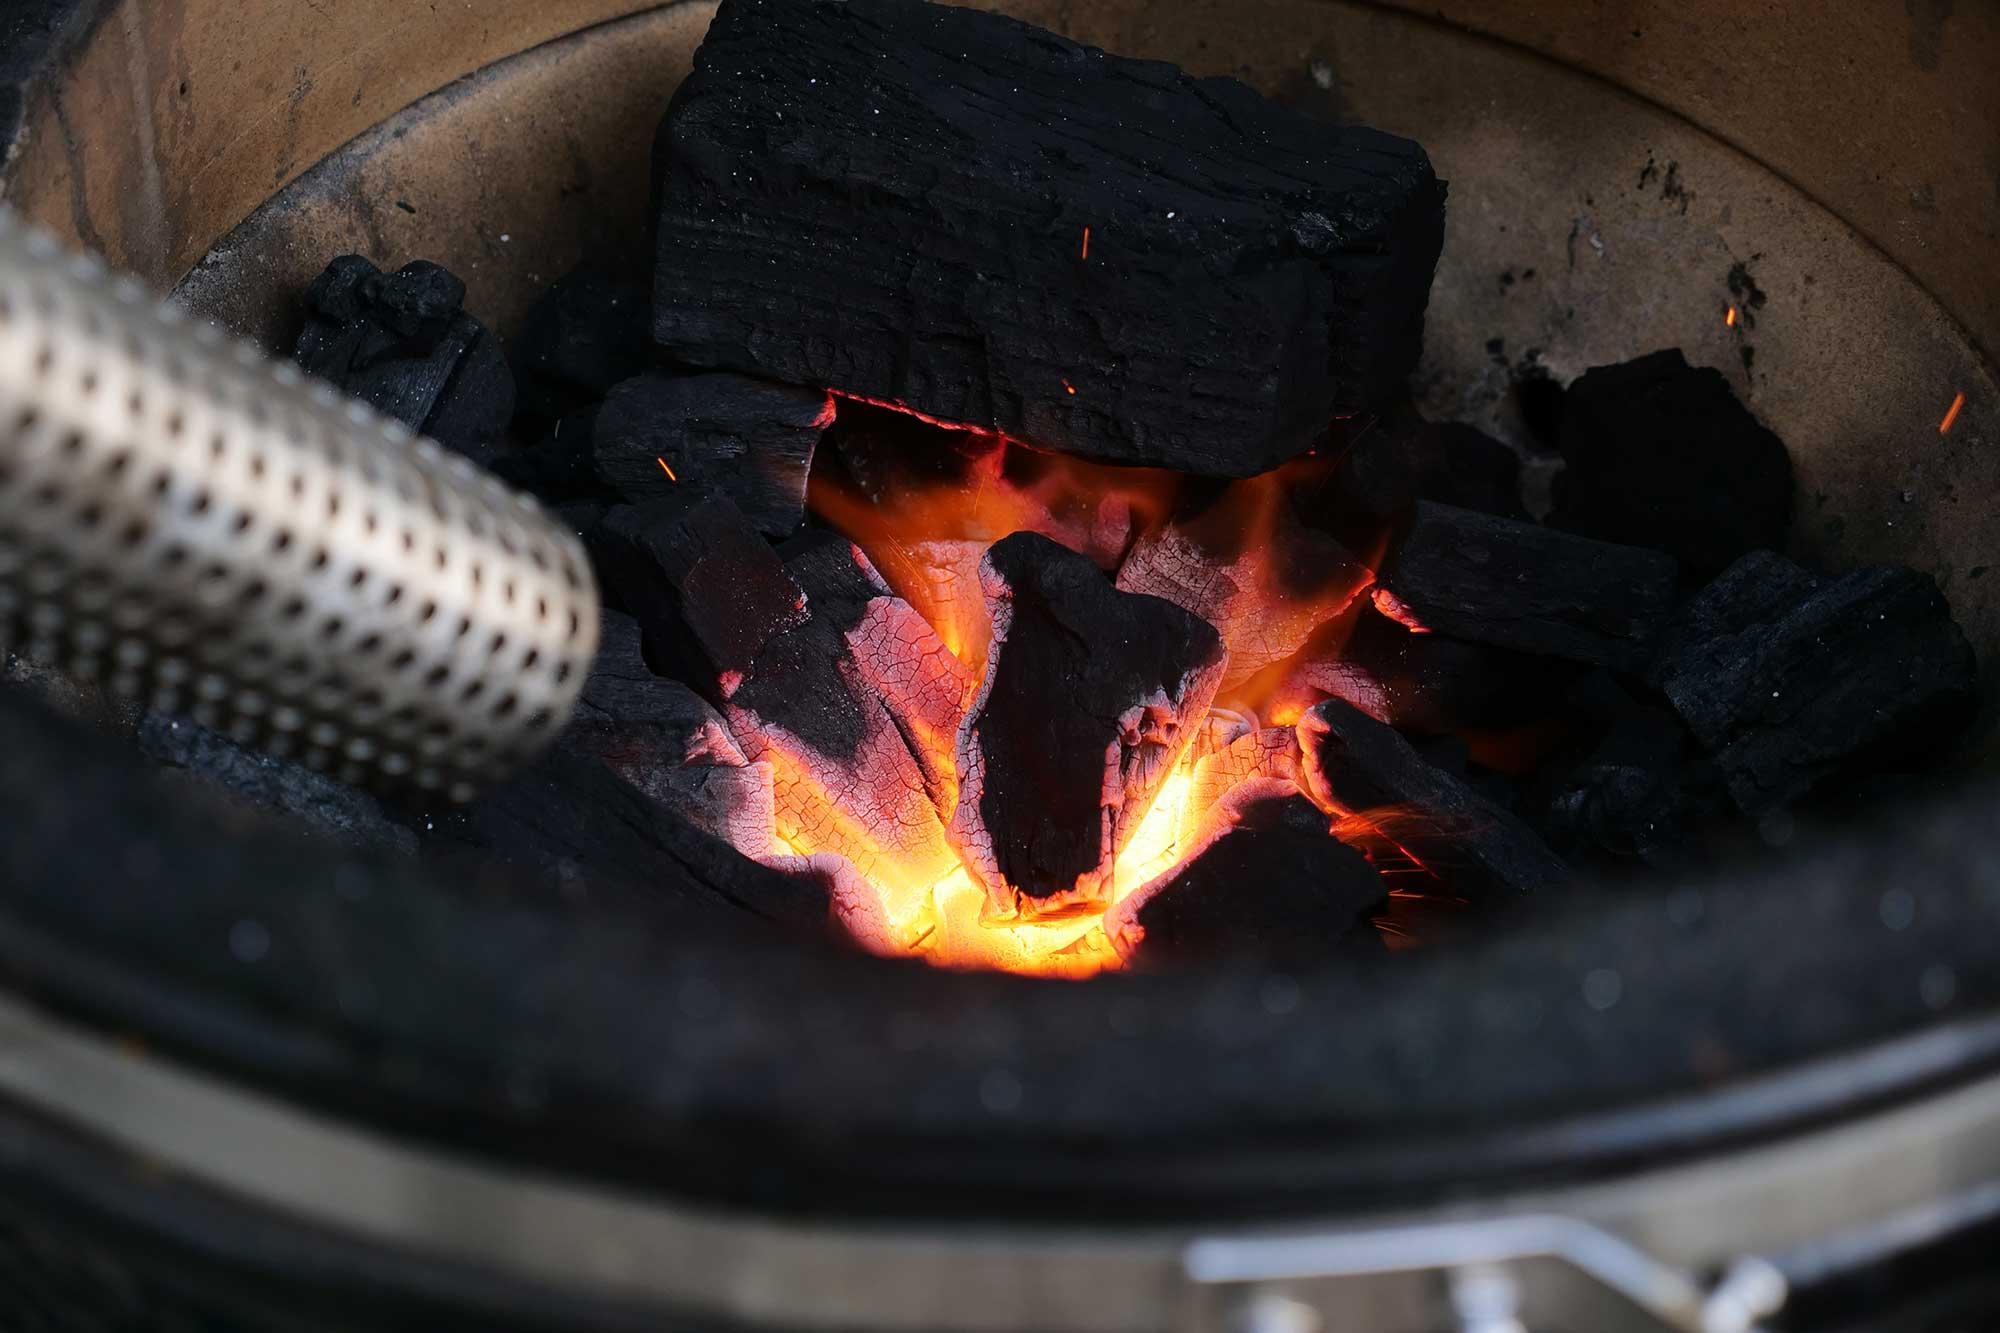 Kalbs Spareribs Gasgrill : Rauchige spareribs unter 2 h zubereitung! garantiert lecker